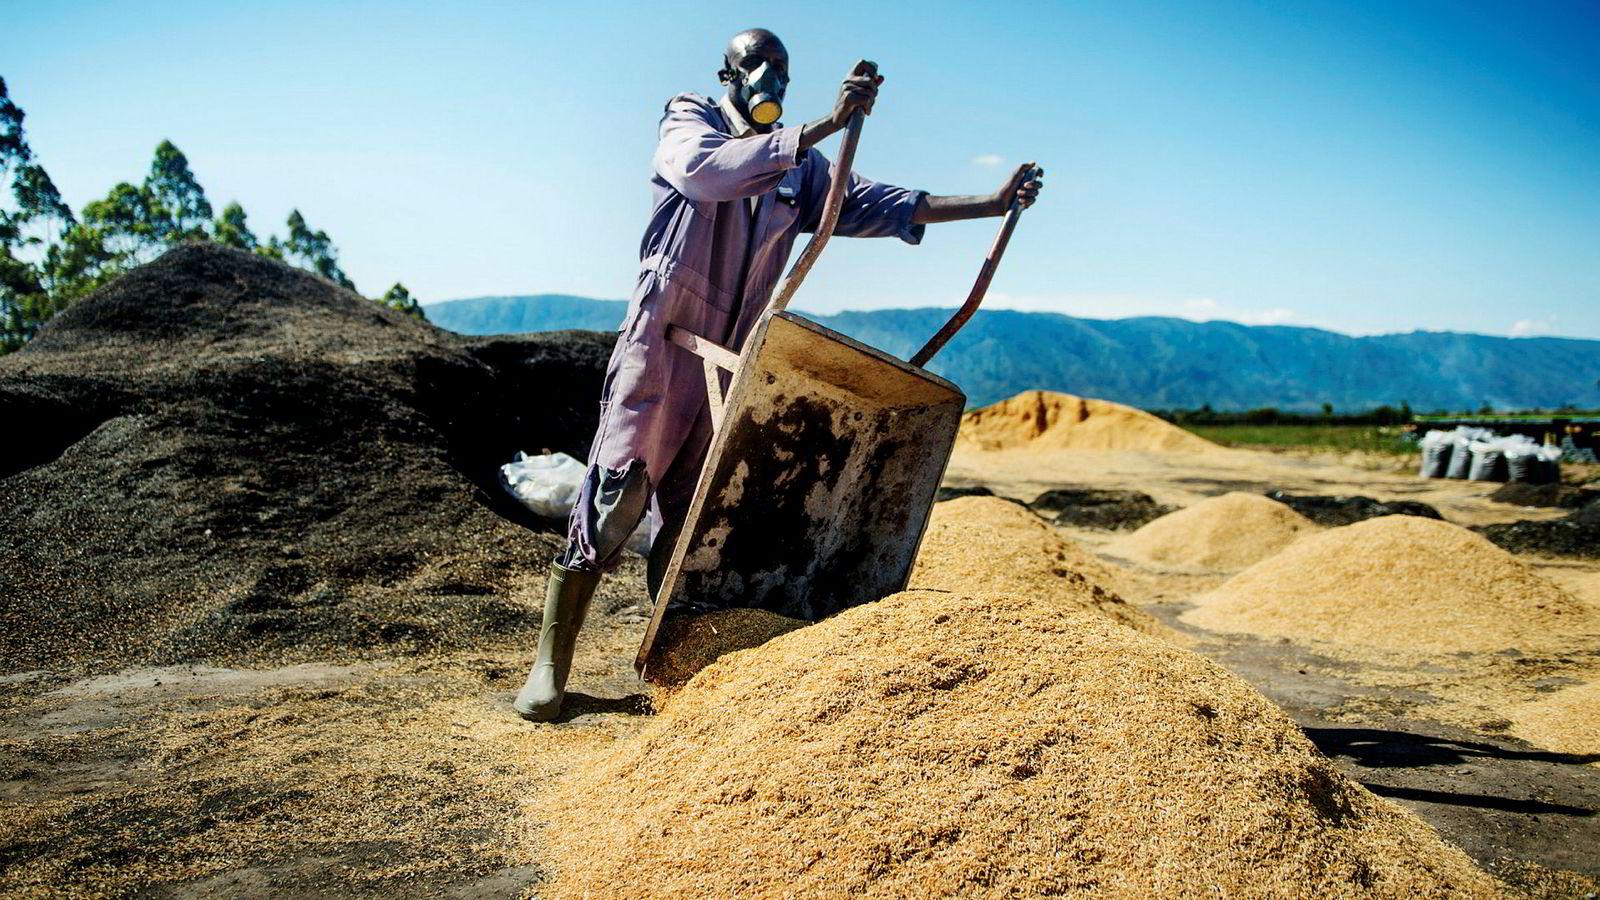 I 1966 levde halve verden i ekstrem fattigdom. I 2017 var det redusert til ni prosent, skriver artikkelforfatteren. Her fra en eukalyptusplantasje i Tanzania der risskall brennes og brukes som gjødsel.